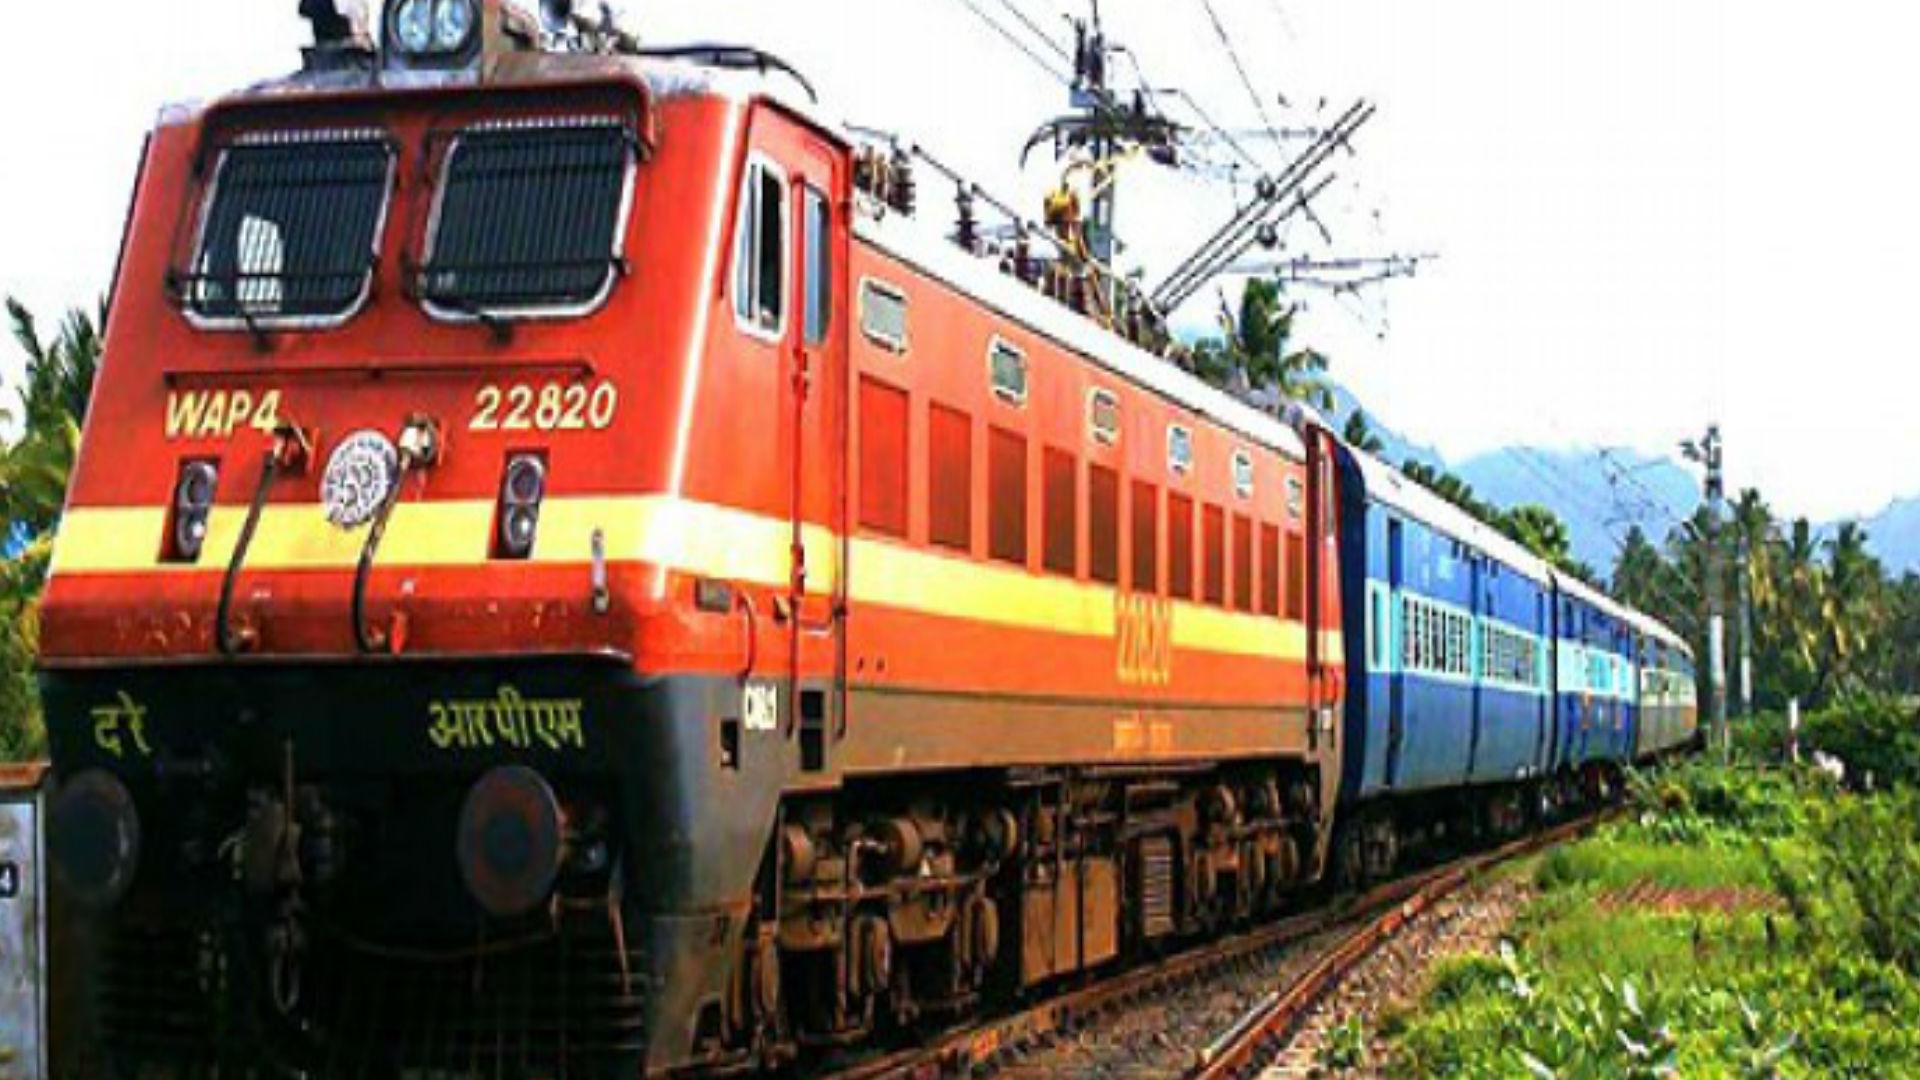 बसंत पंचमी 2019: रोडवेज-रेलवे प्रशासन ने कसी कमर, प्रयागराज के लिए चलाई जाएंगी दो स्पेशल ट्रेन